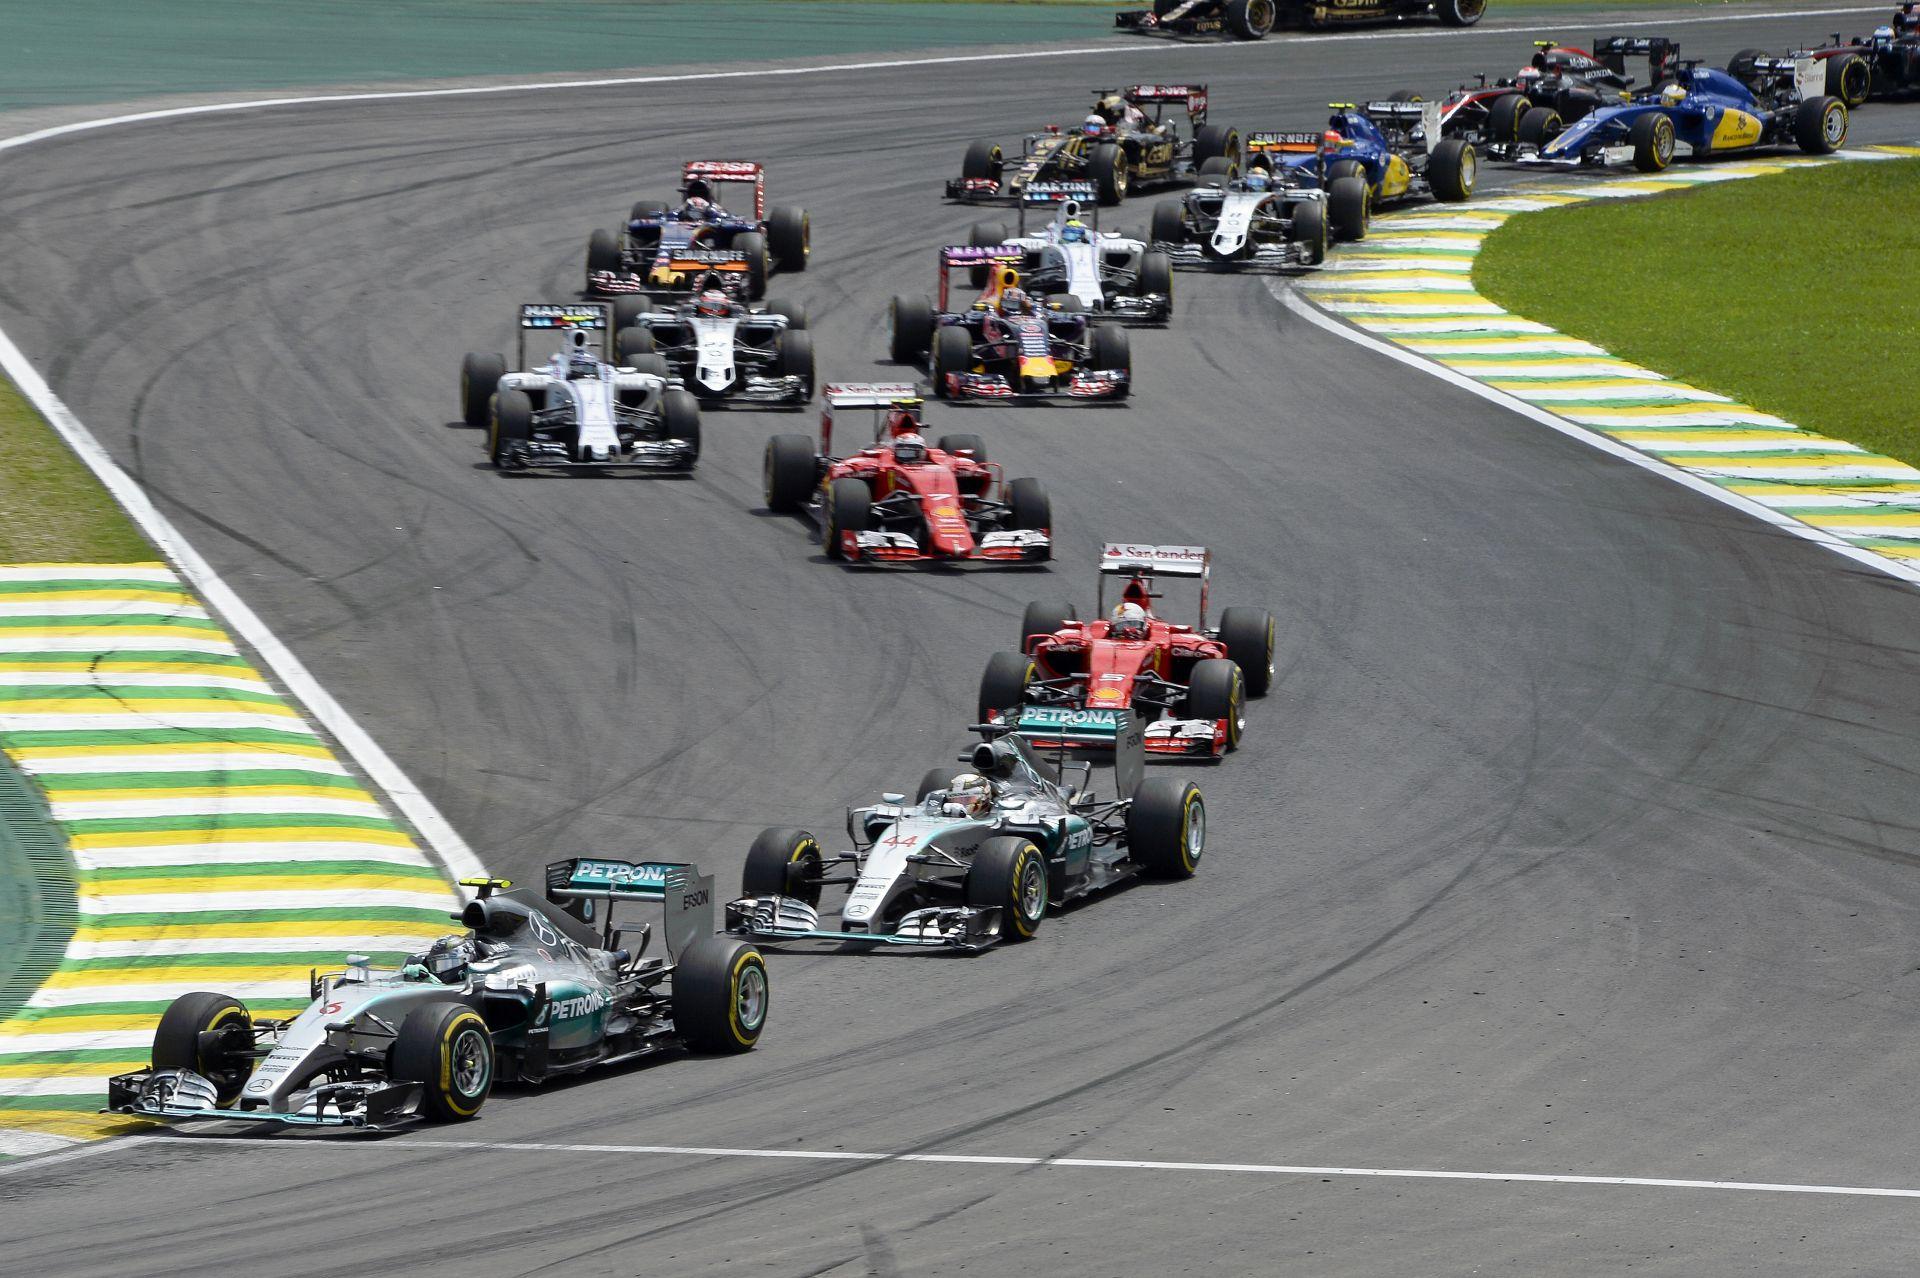 Vettel szerint egyszerű lenne javítani az F1-en, de sajnos a nagyfőnökök döntenek, mondja Hamilton